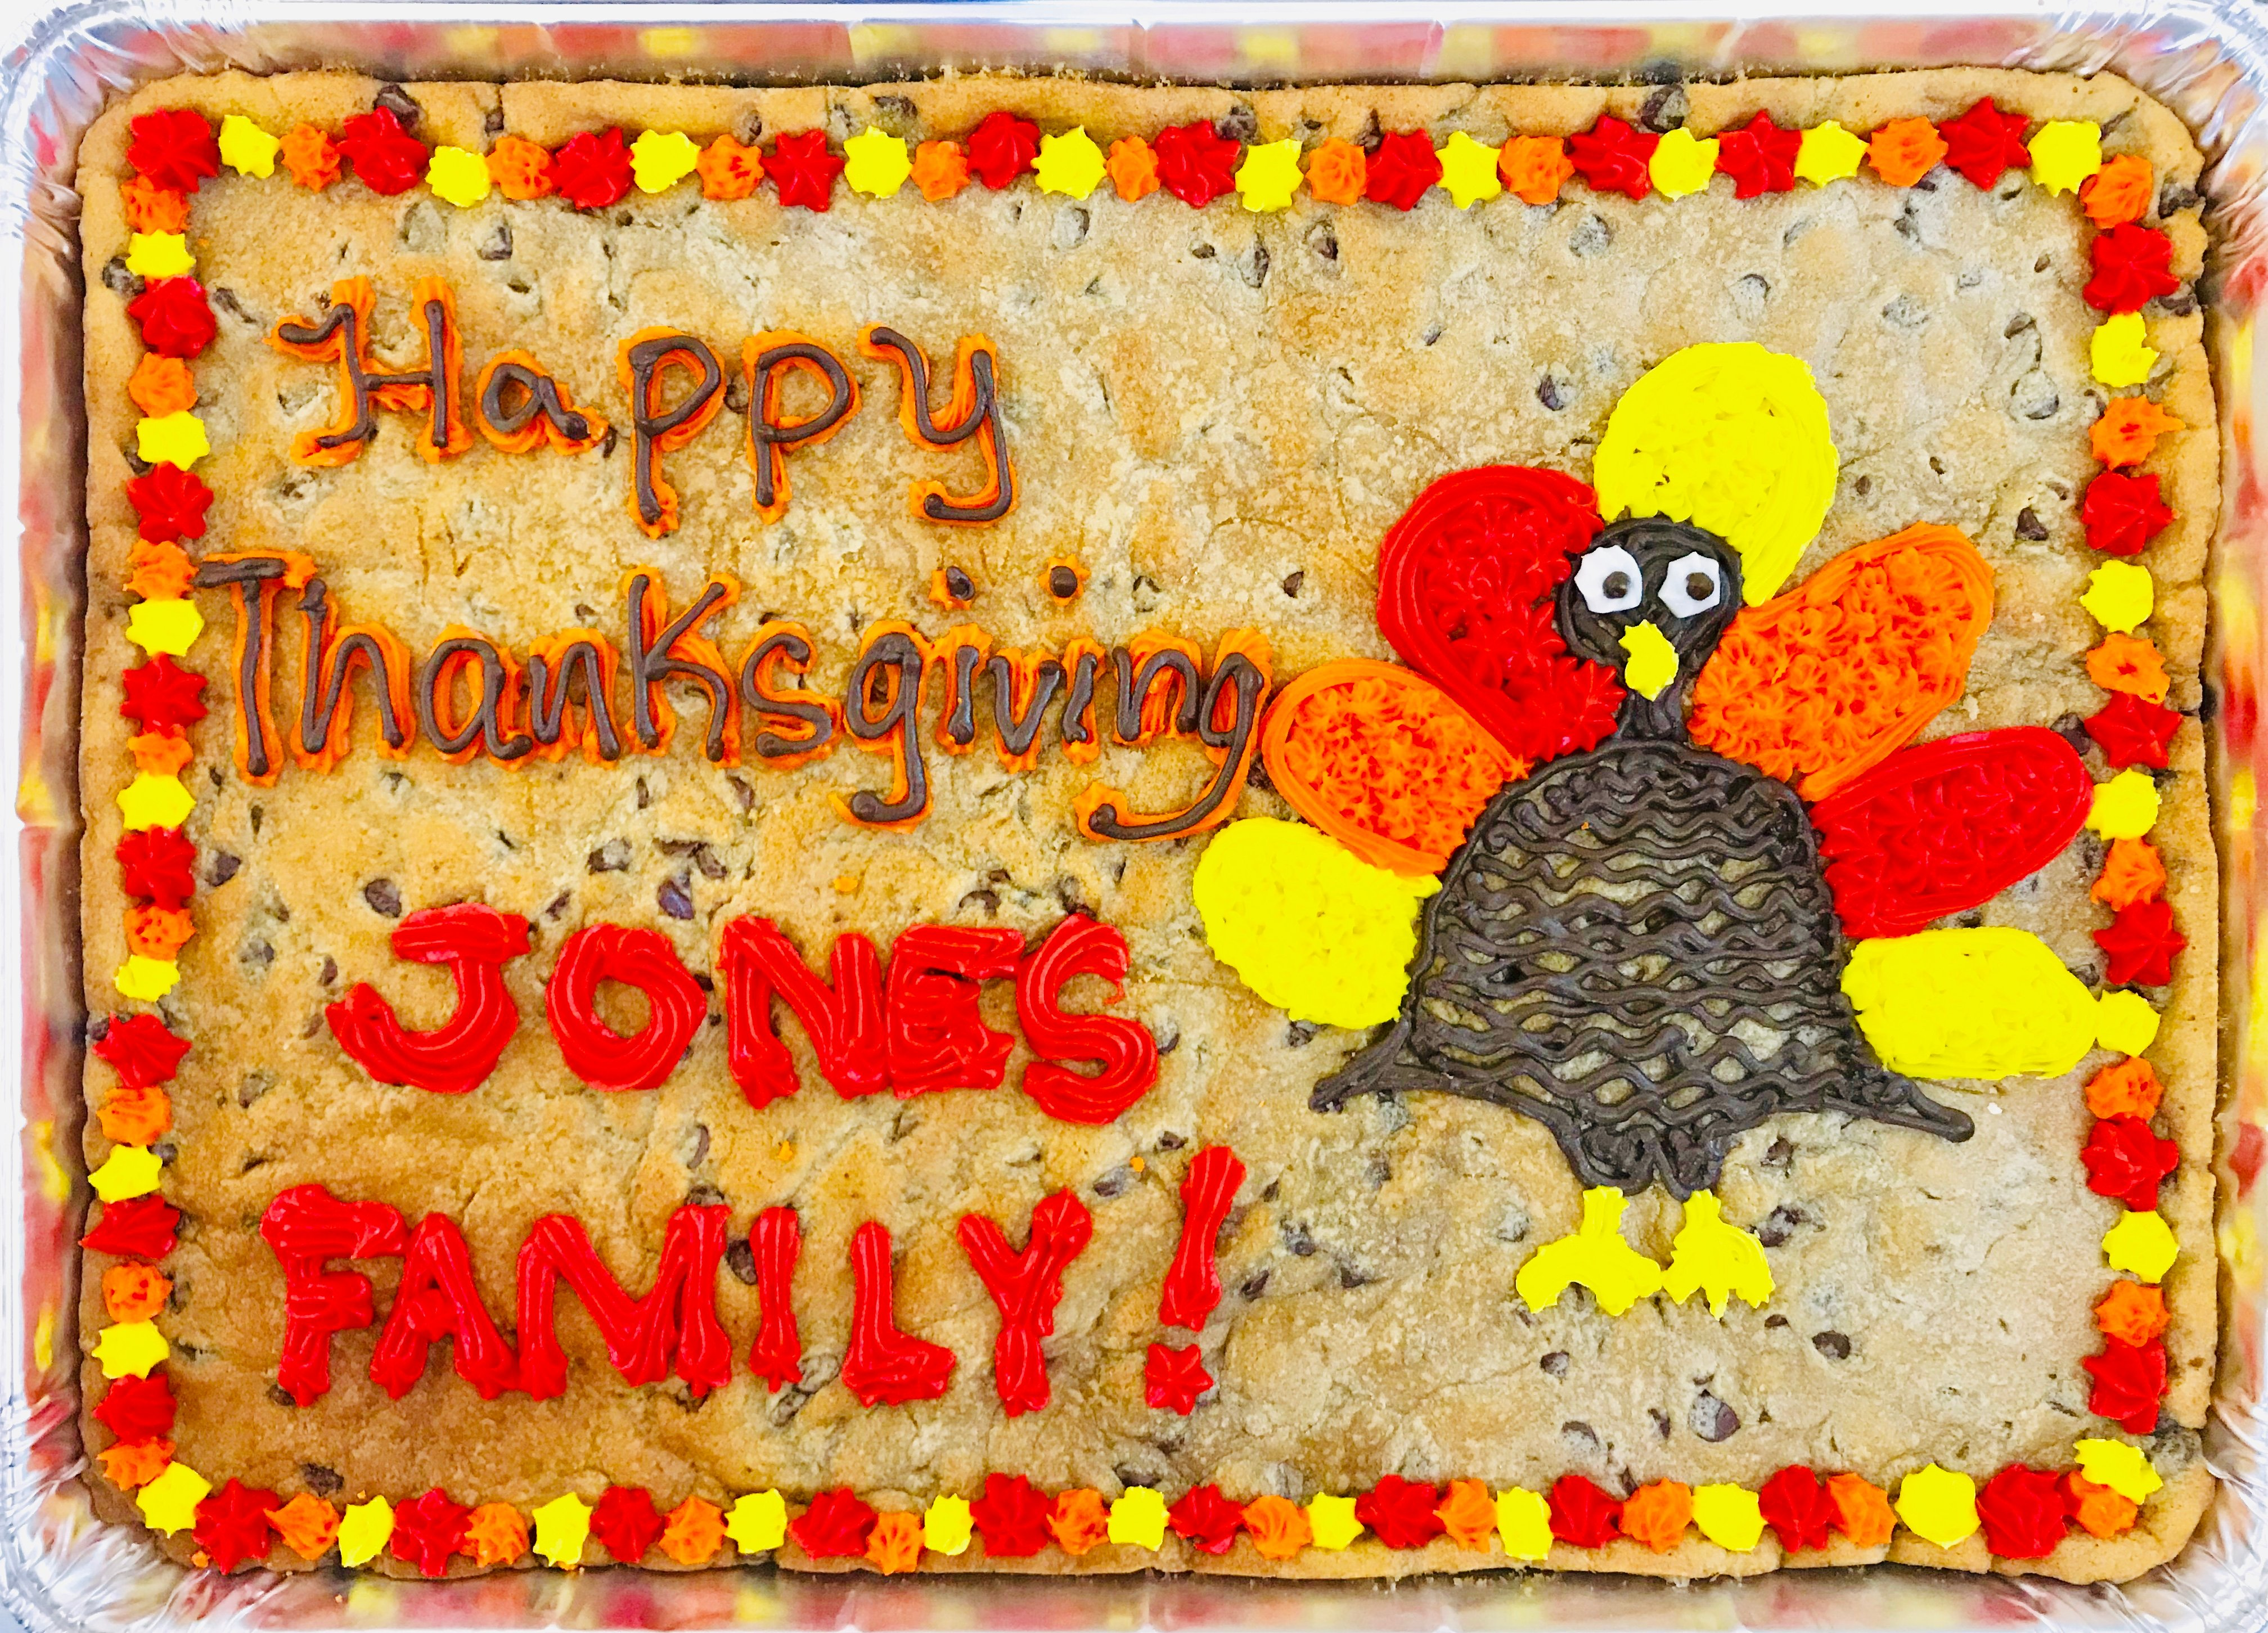 https://0201.nccdn.net/1_2/000/000/0d3/64e/thanksgiving.jpg